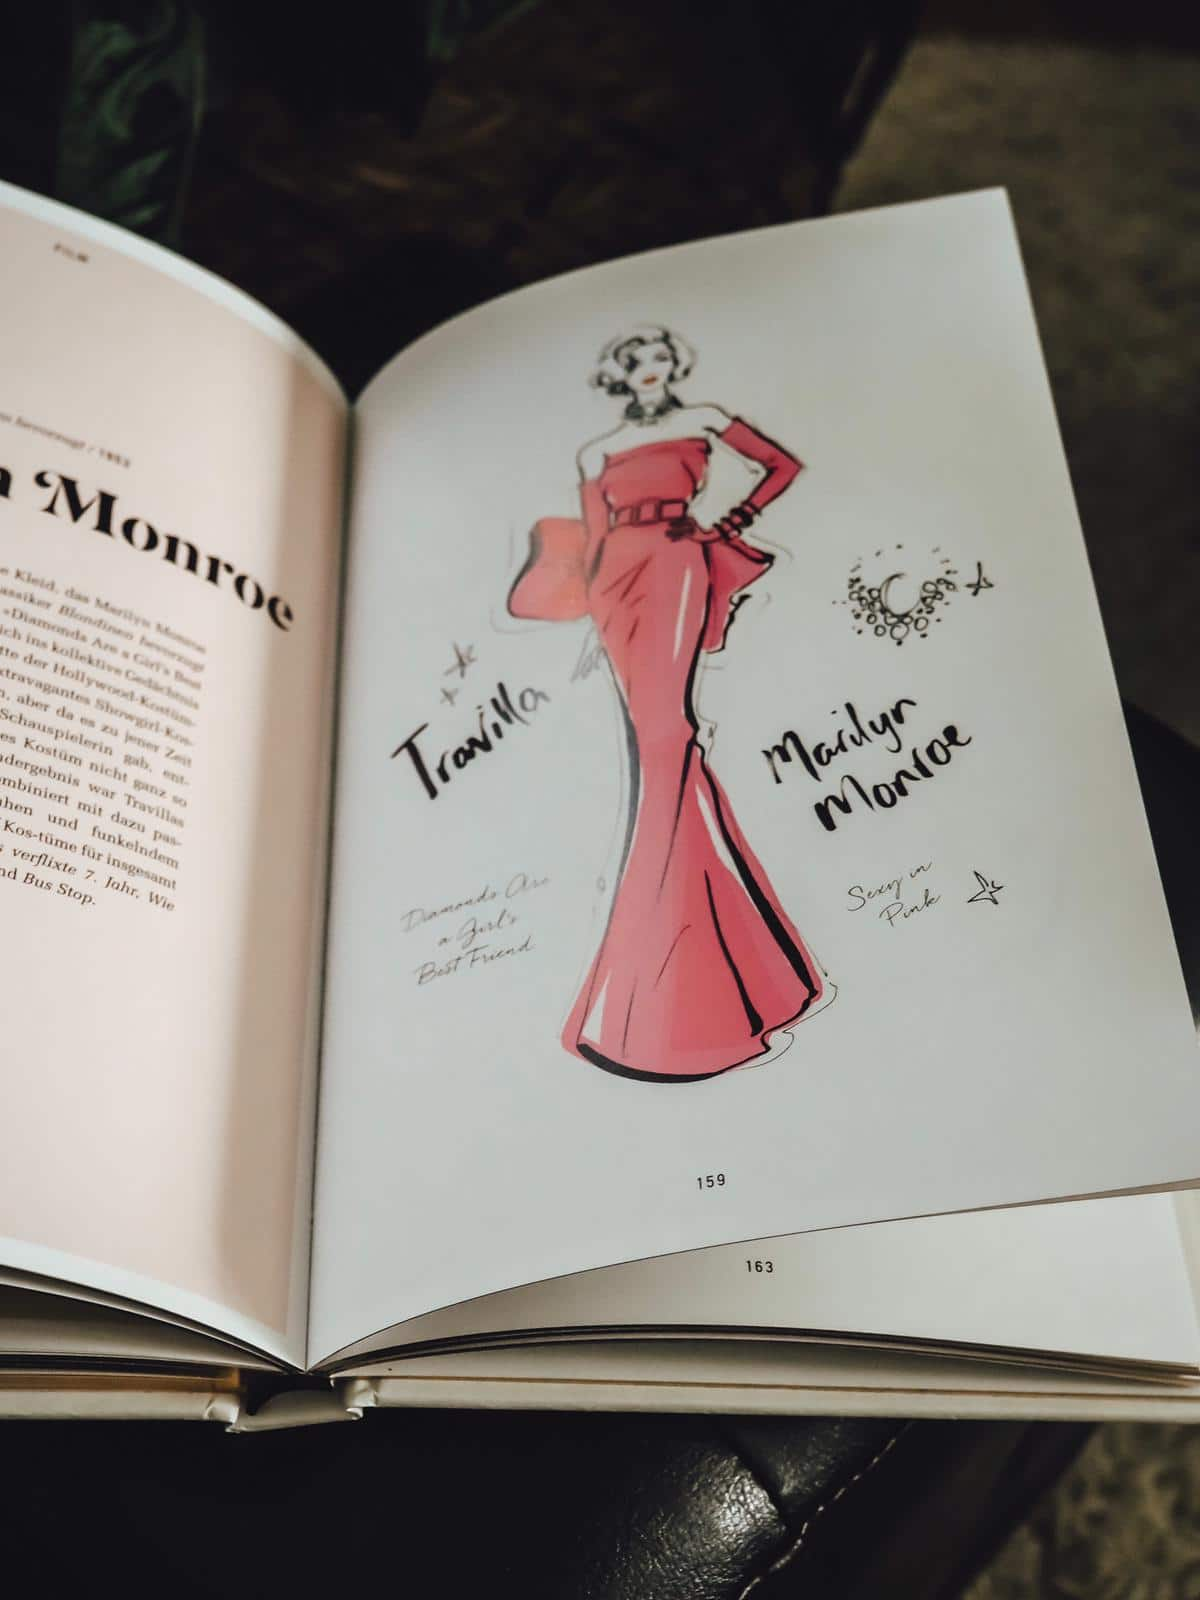 Das super stylische neue Buch von Megan Hess The Dress zeigt 100 traumhafte Kleider der Weltgeschichte mit Illustrationen. Heute mehr dazu auf meinem Blog!